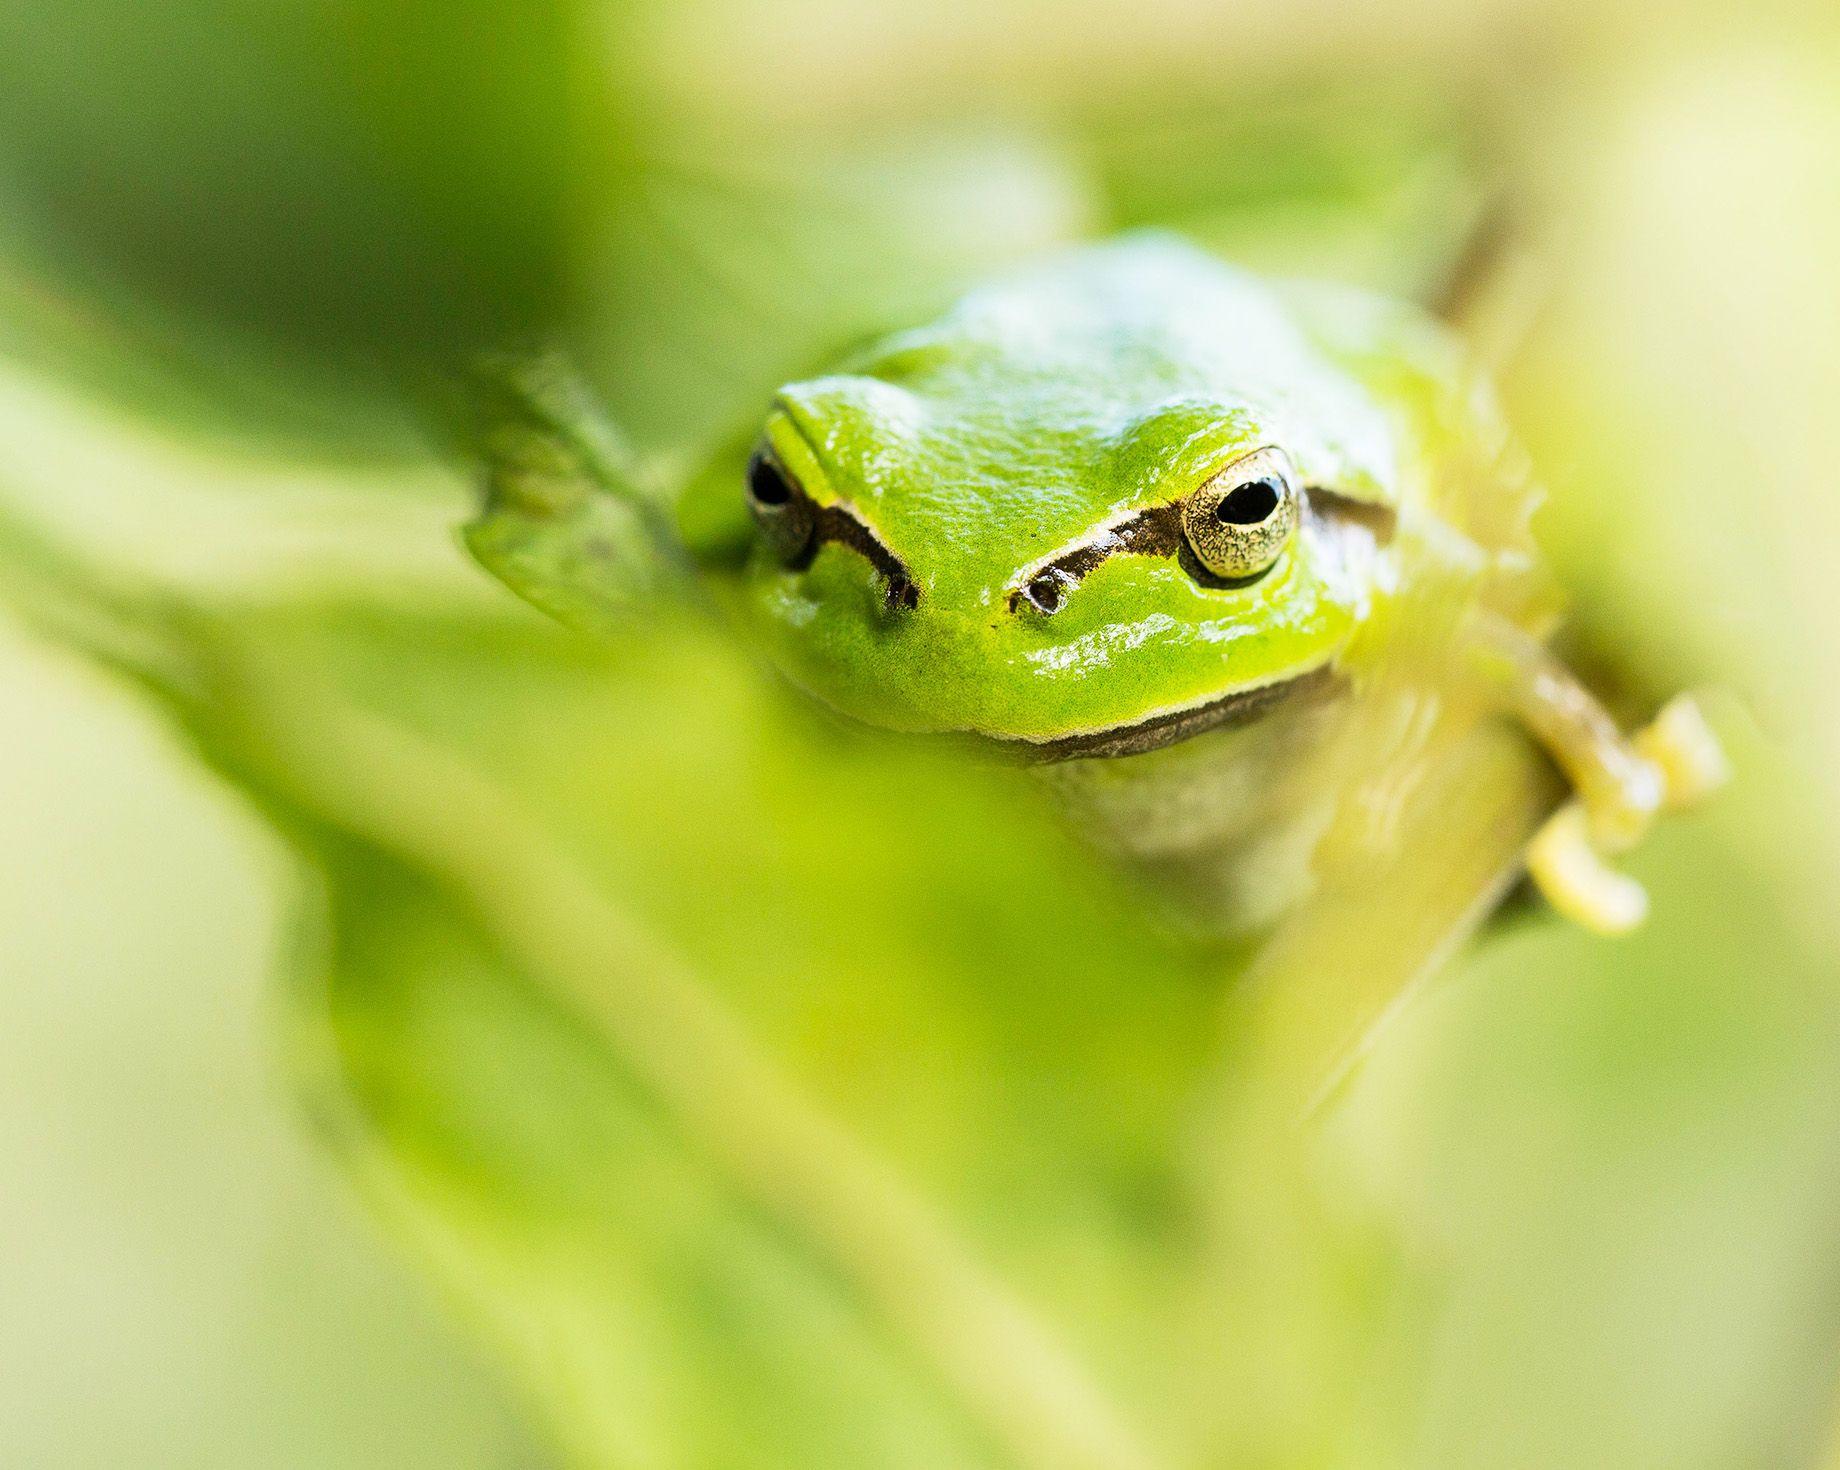 Tree Frog, Österlen, Skåne, South of Sweden